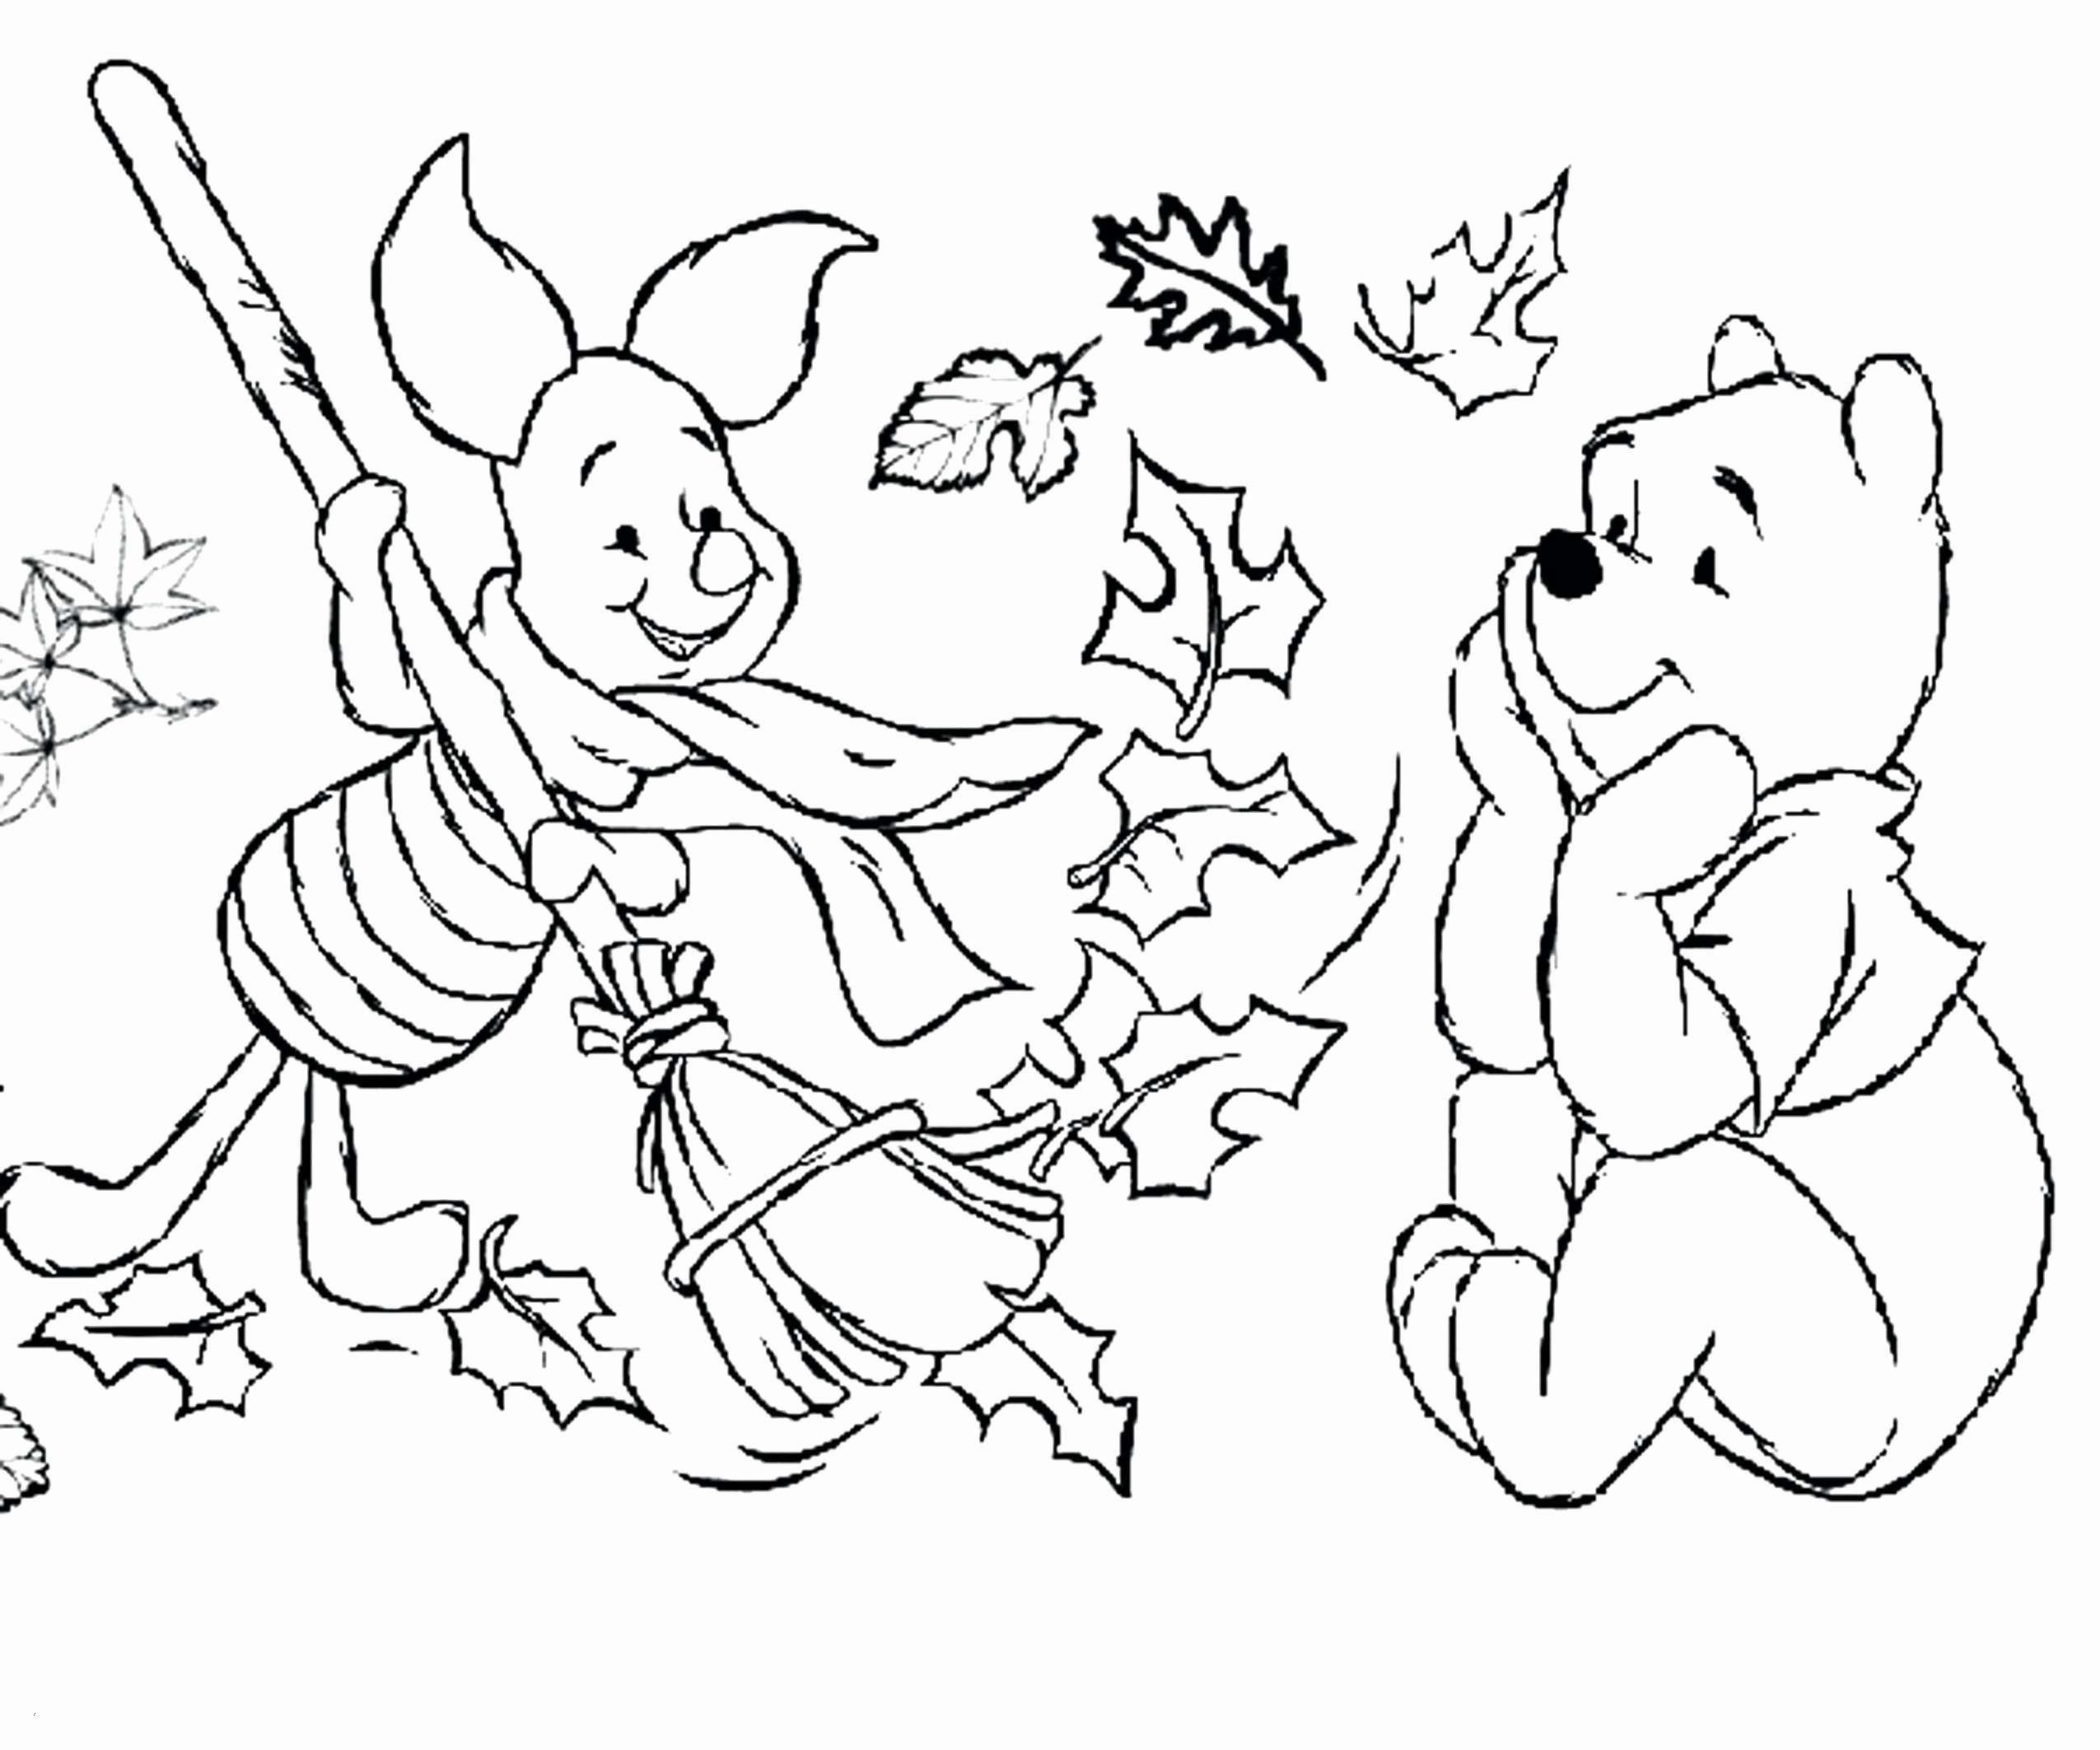 Malvorlagen Anna Und Elsa Inspirierend Elsa Frozen Drawing Inspirational Bayern Ausmalbilder Frisch Igel Stock